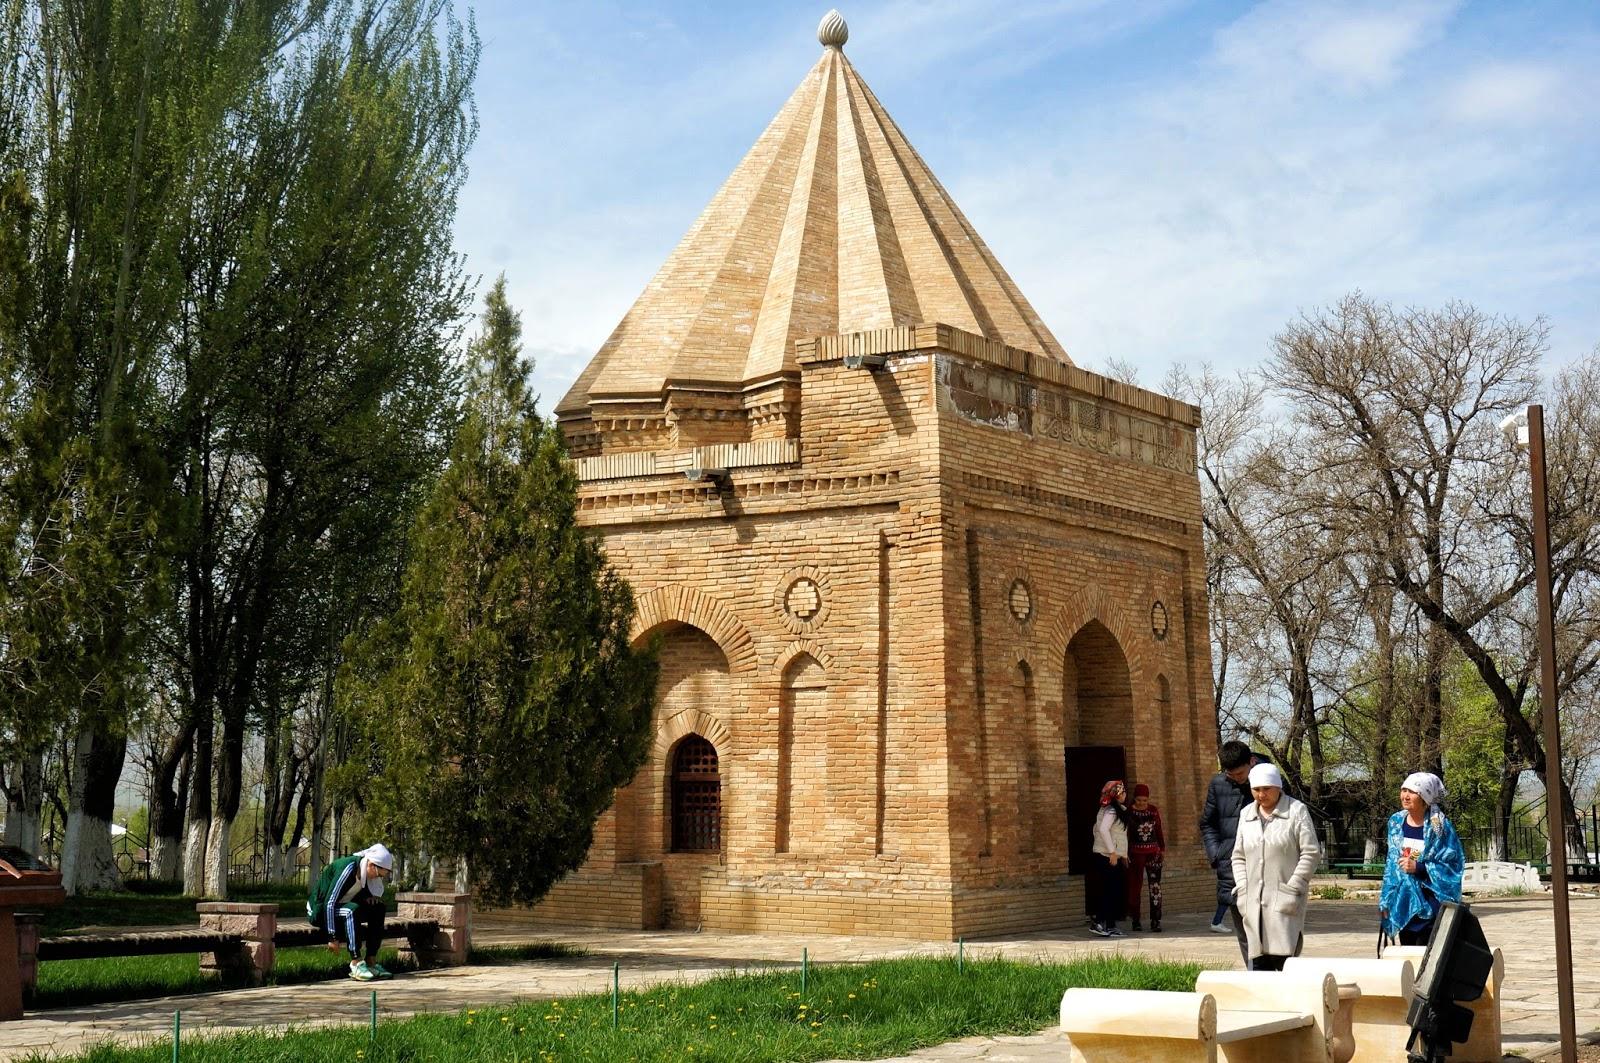 wyprawa do Kazachstanu, co zobaczyć w Kazachstanie, Kazachstan ciekawostki, zwiedzanie Kazachstanu